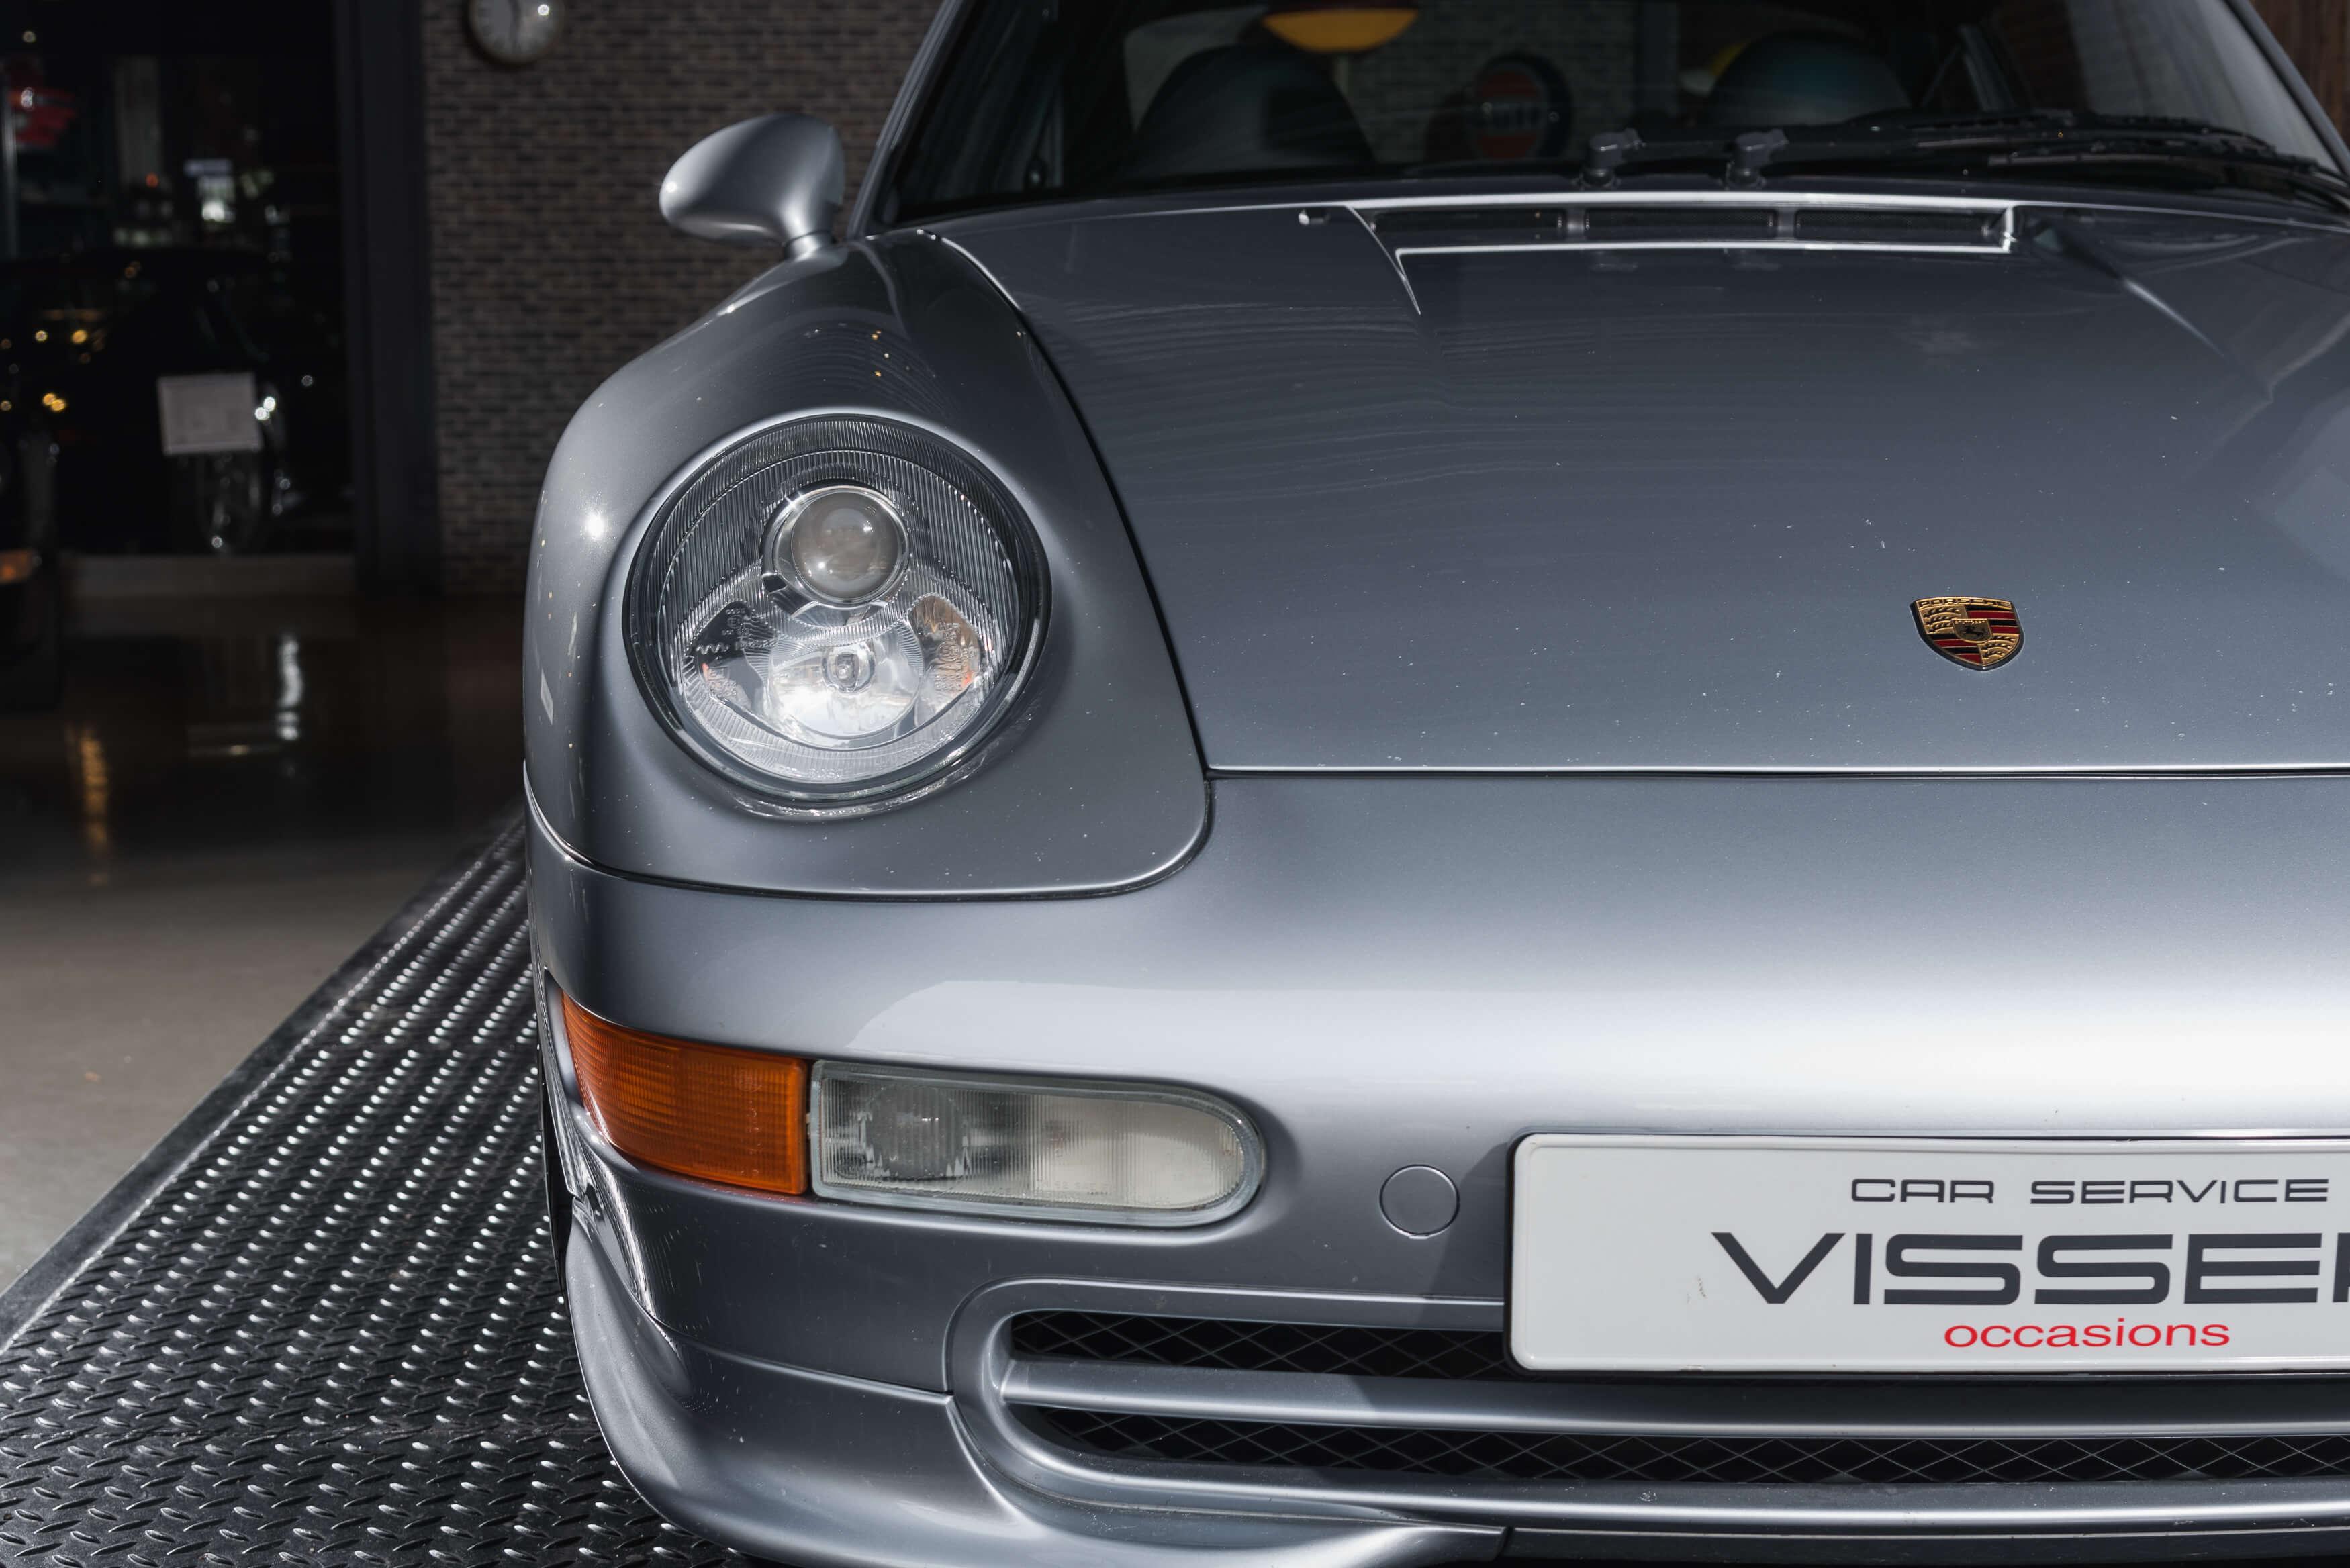 993 RS handgeschakeld Car Service Visser gespecialiseerd in Porsche - 7